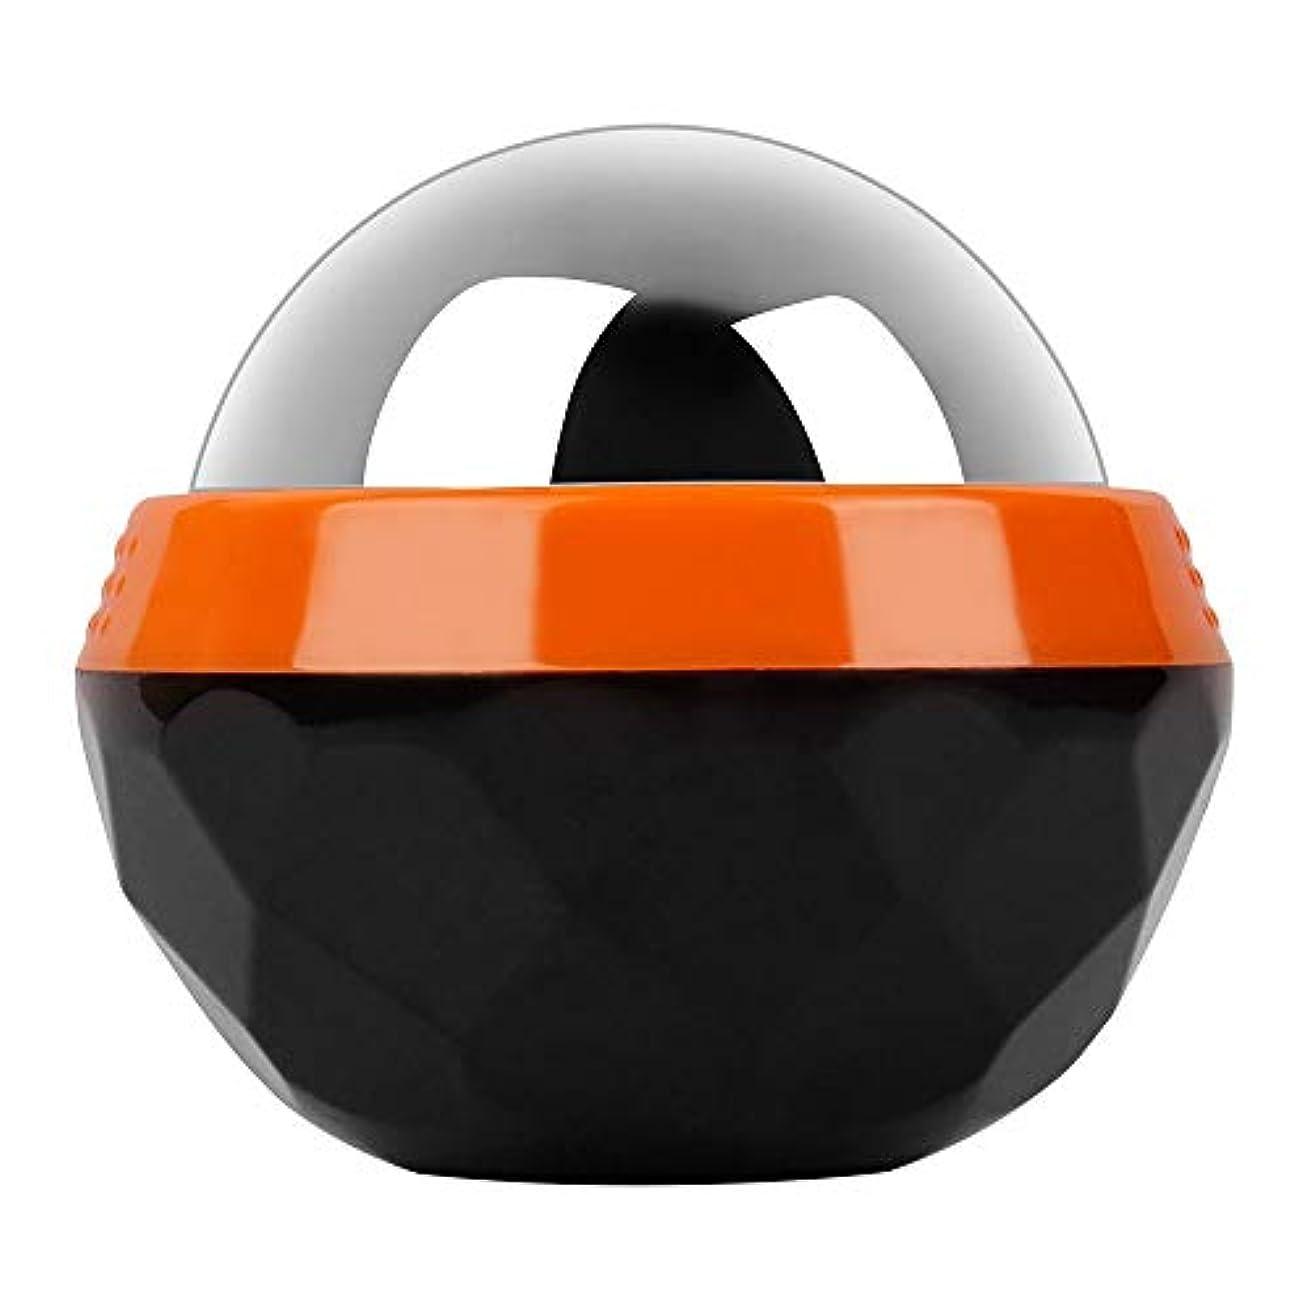 選挙同意オリエンテーションGeTooコールドマッサージローラーボール-2.4インチの氷球は6時間冷たさを持続、アイスセラピーディープティッシュマッサージ、オレンジとブラック